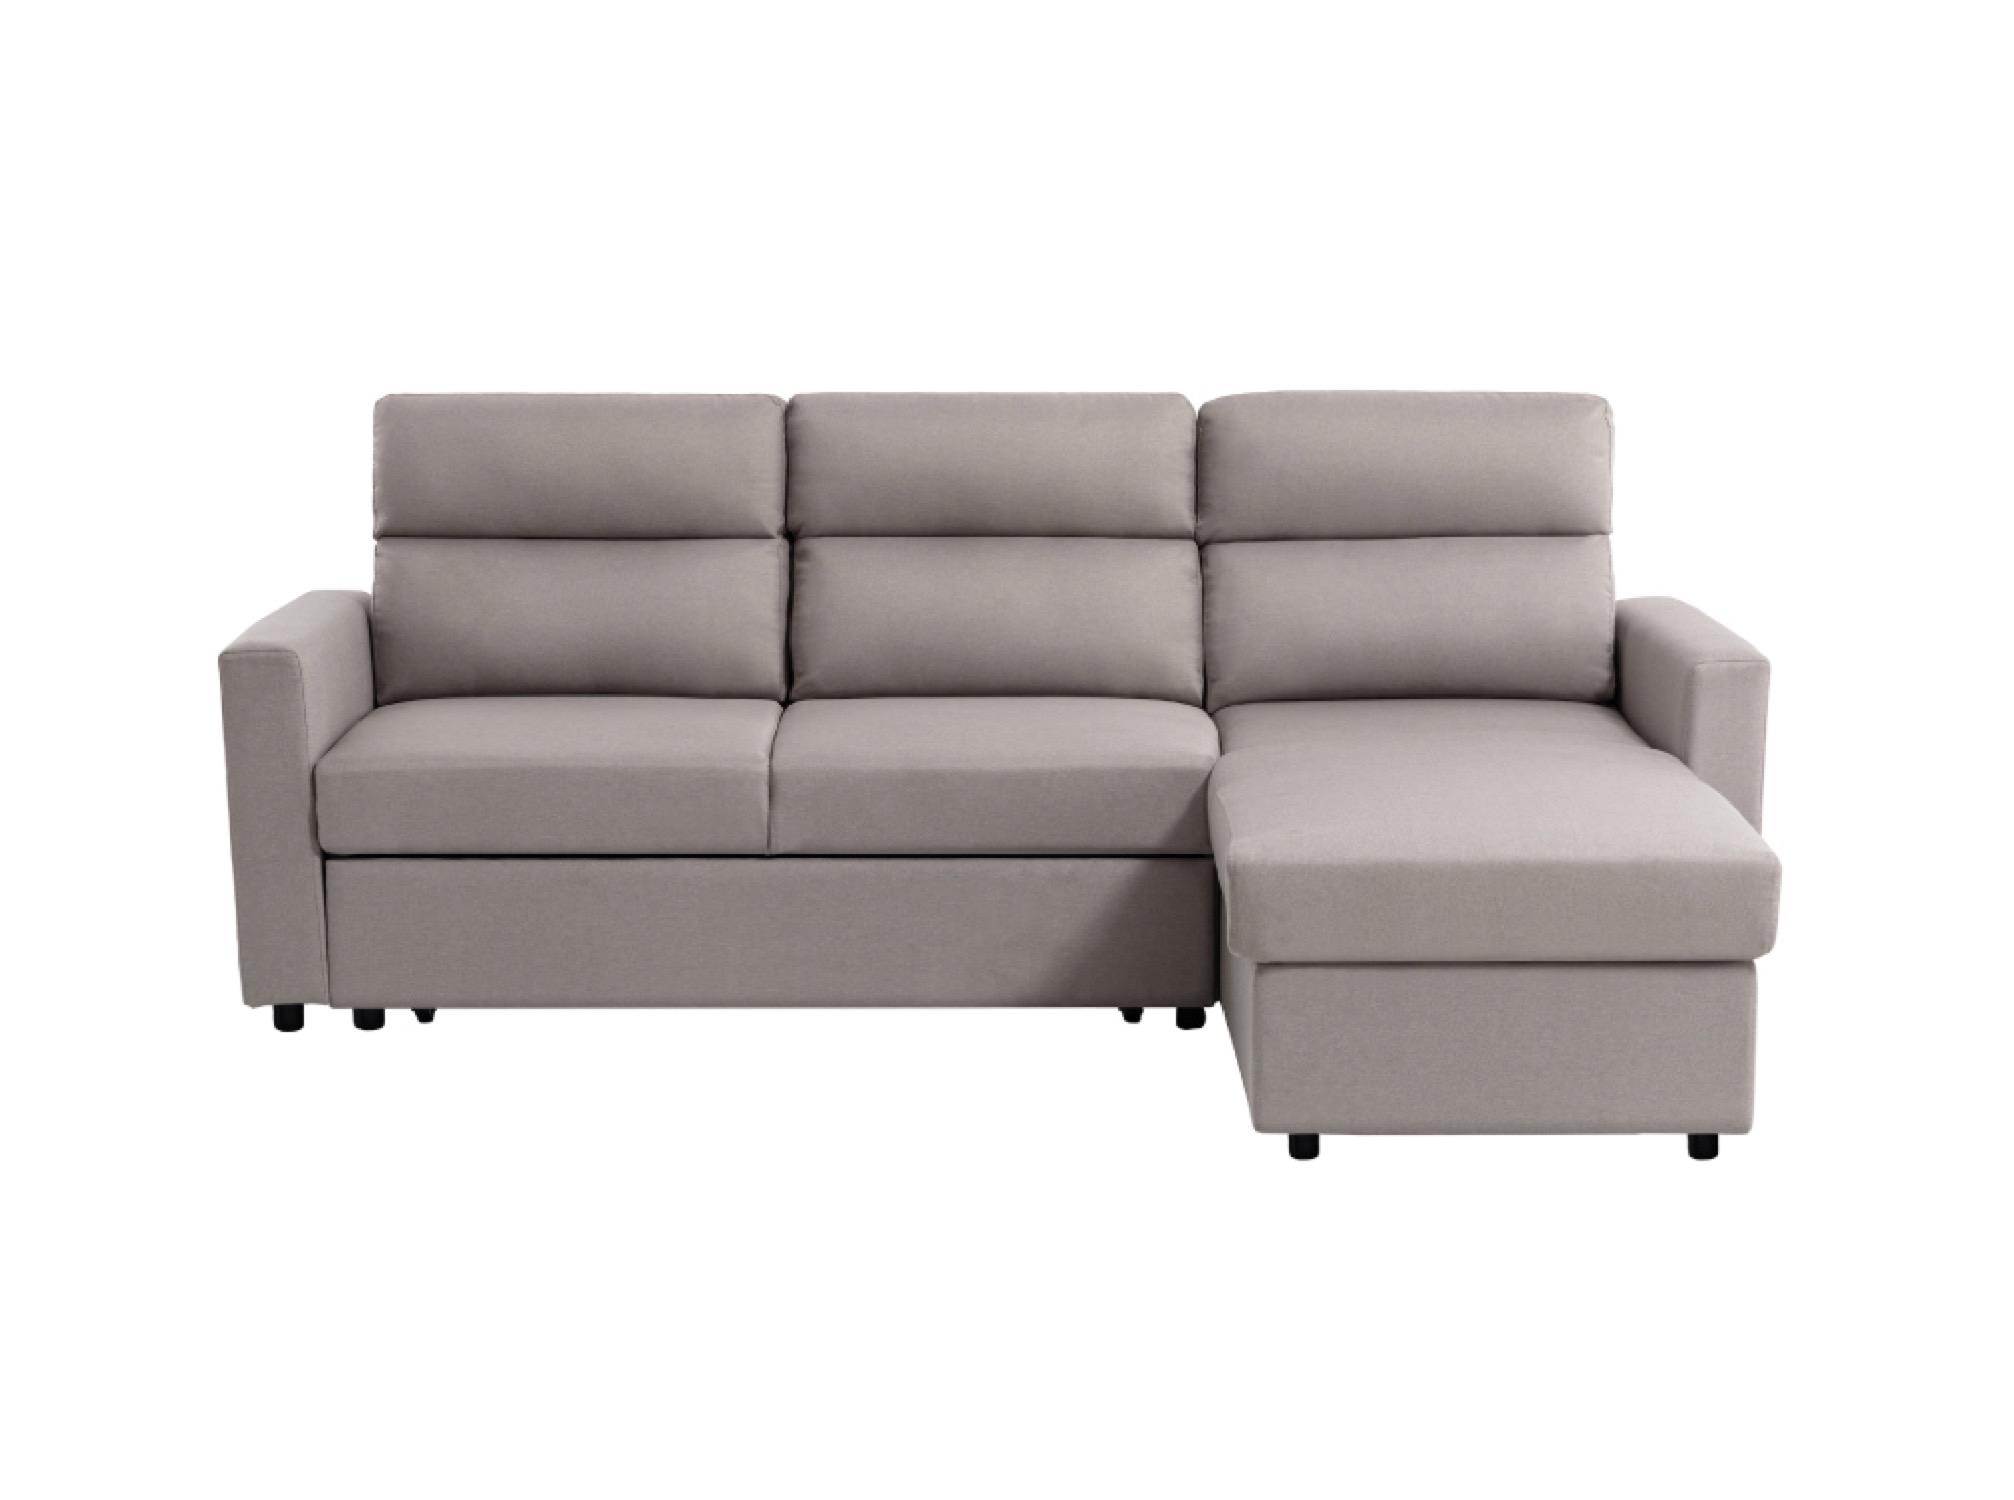 Canapé d'angle Beige Tissu Contemporain Confort